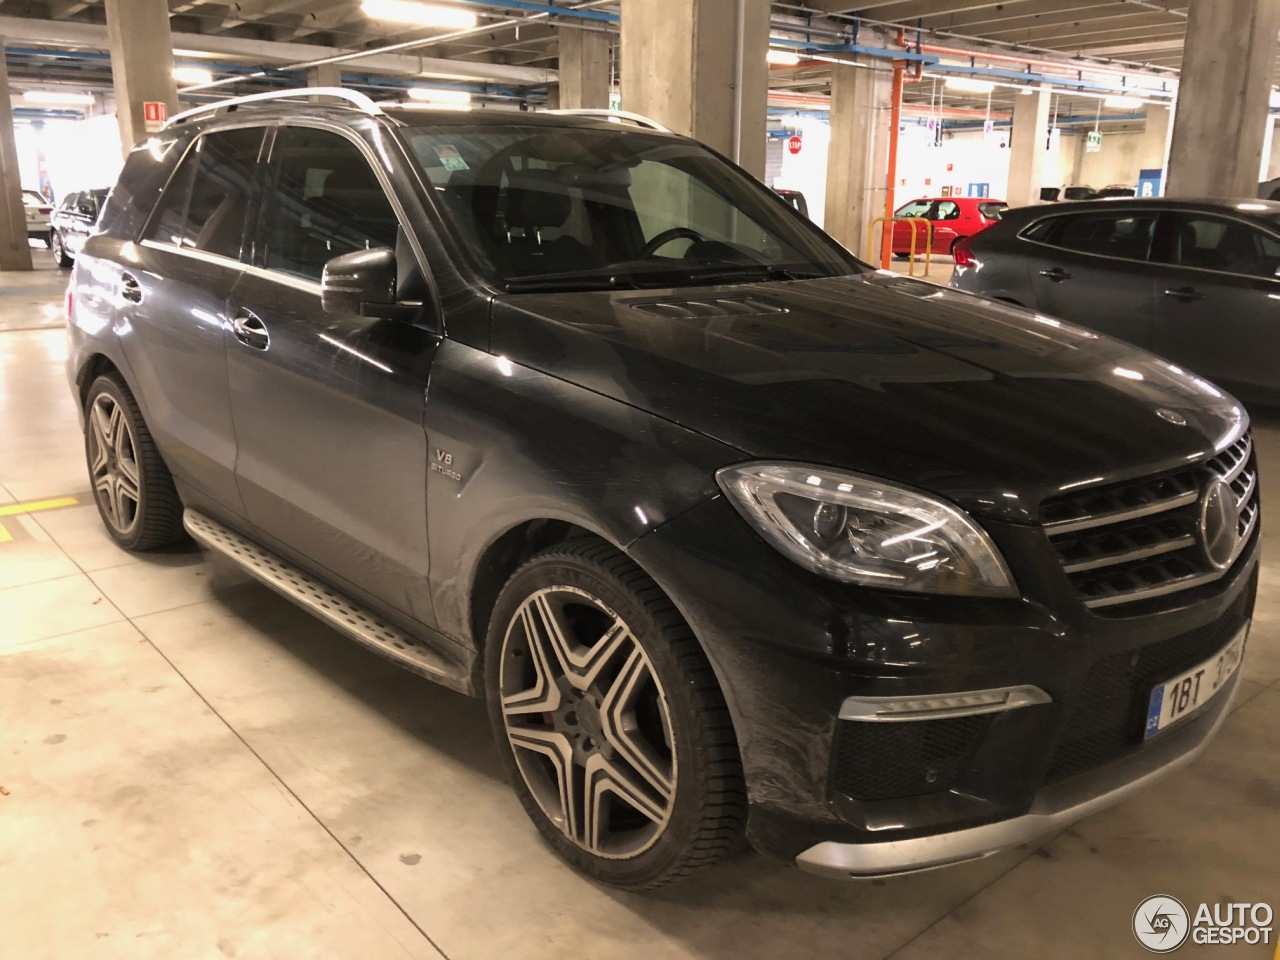 Mercedes Benz Ml 63 Amg W166 5 Fvrier 2018 Autogespot